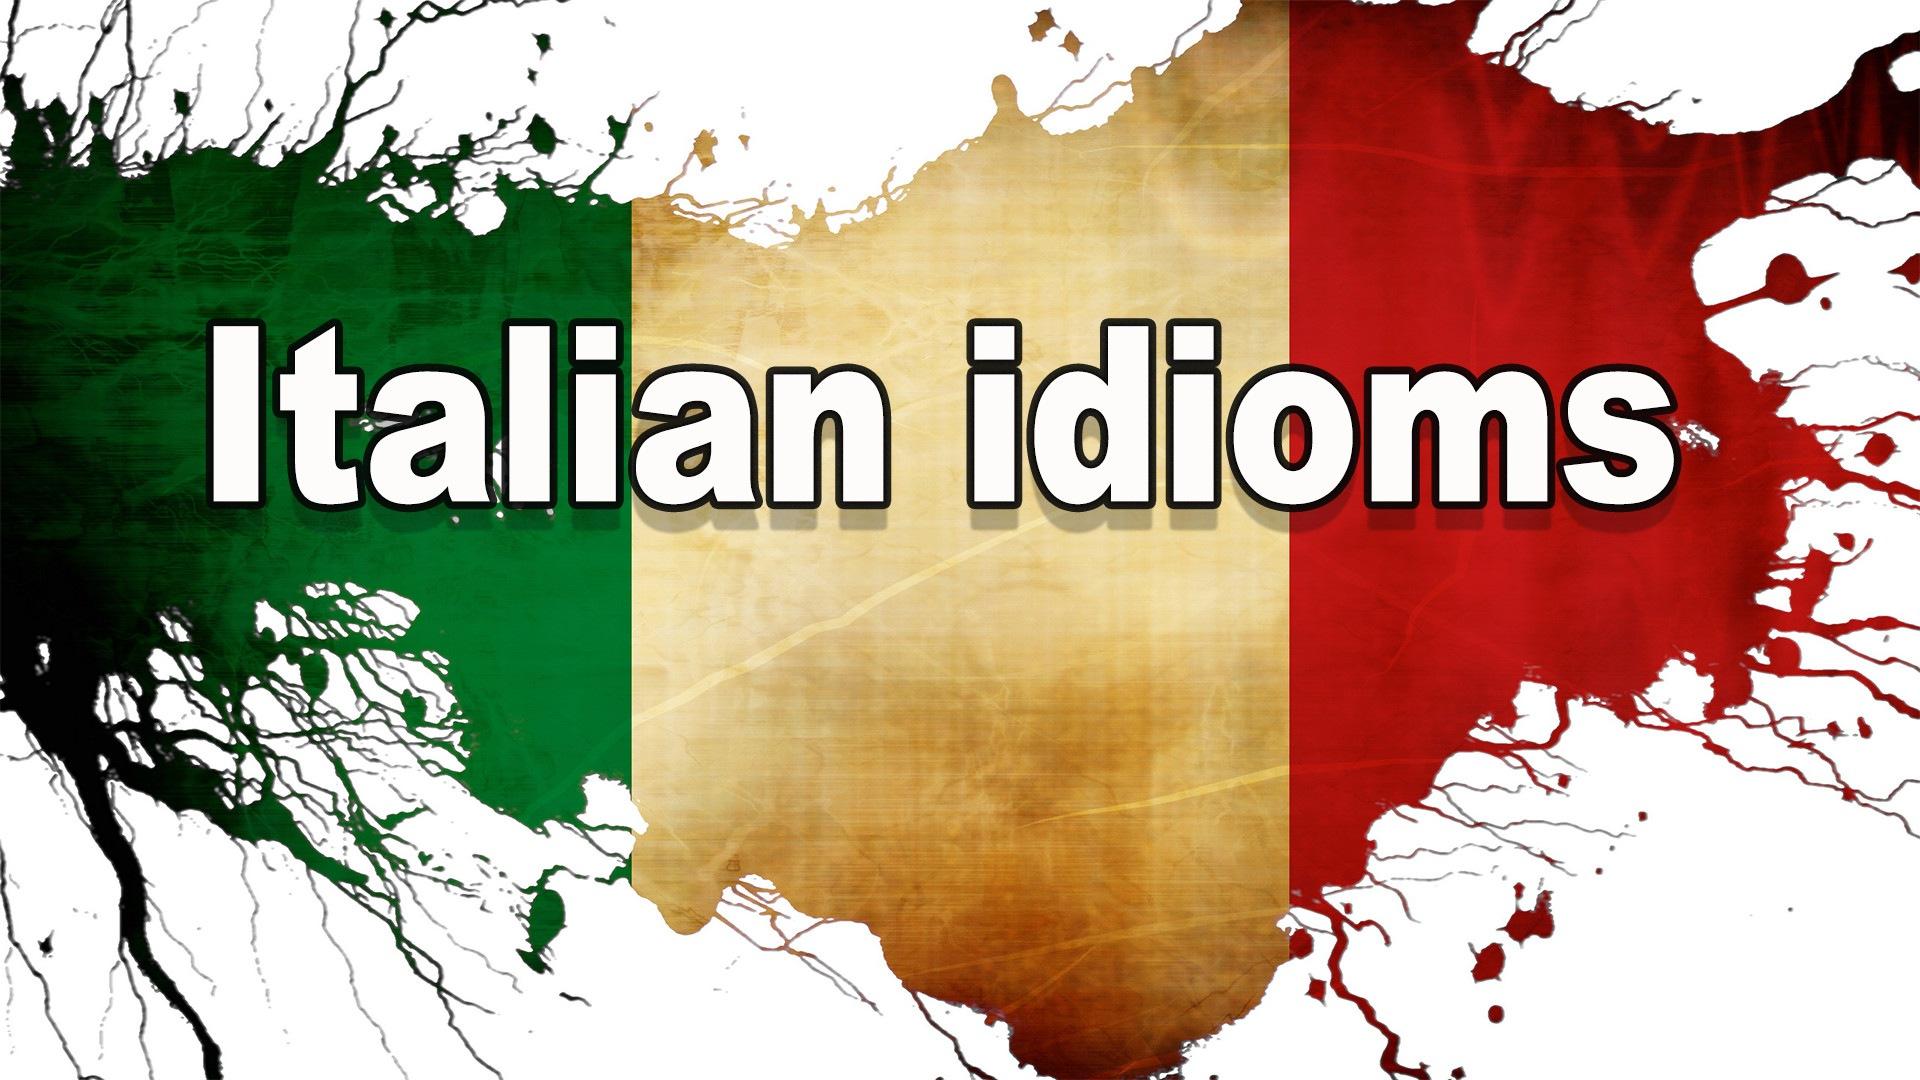 Italian idioms - Learn italian ways of sayings